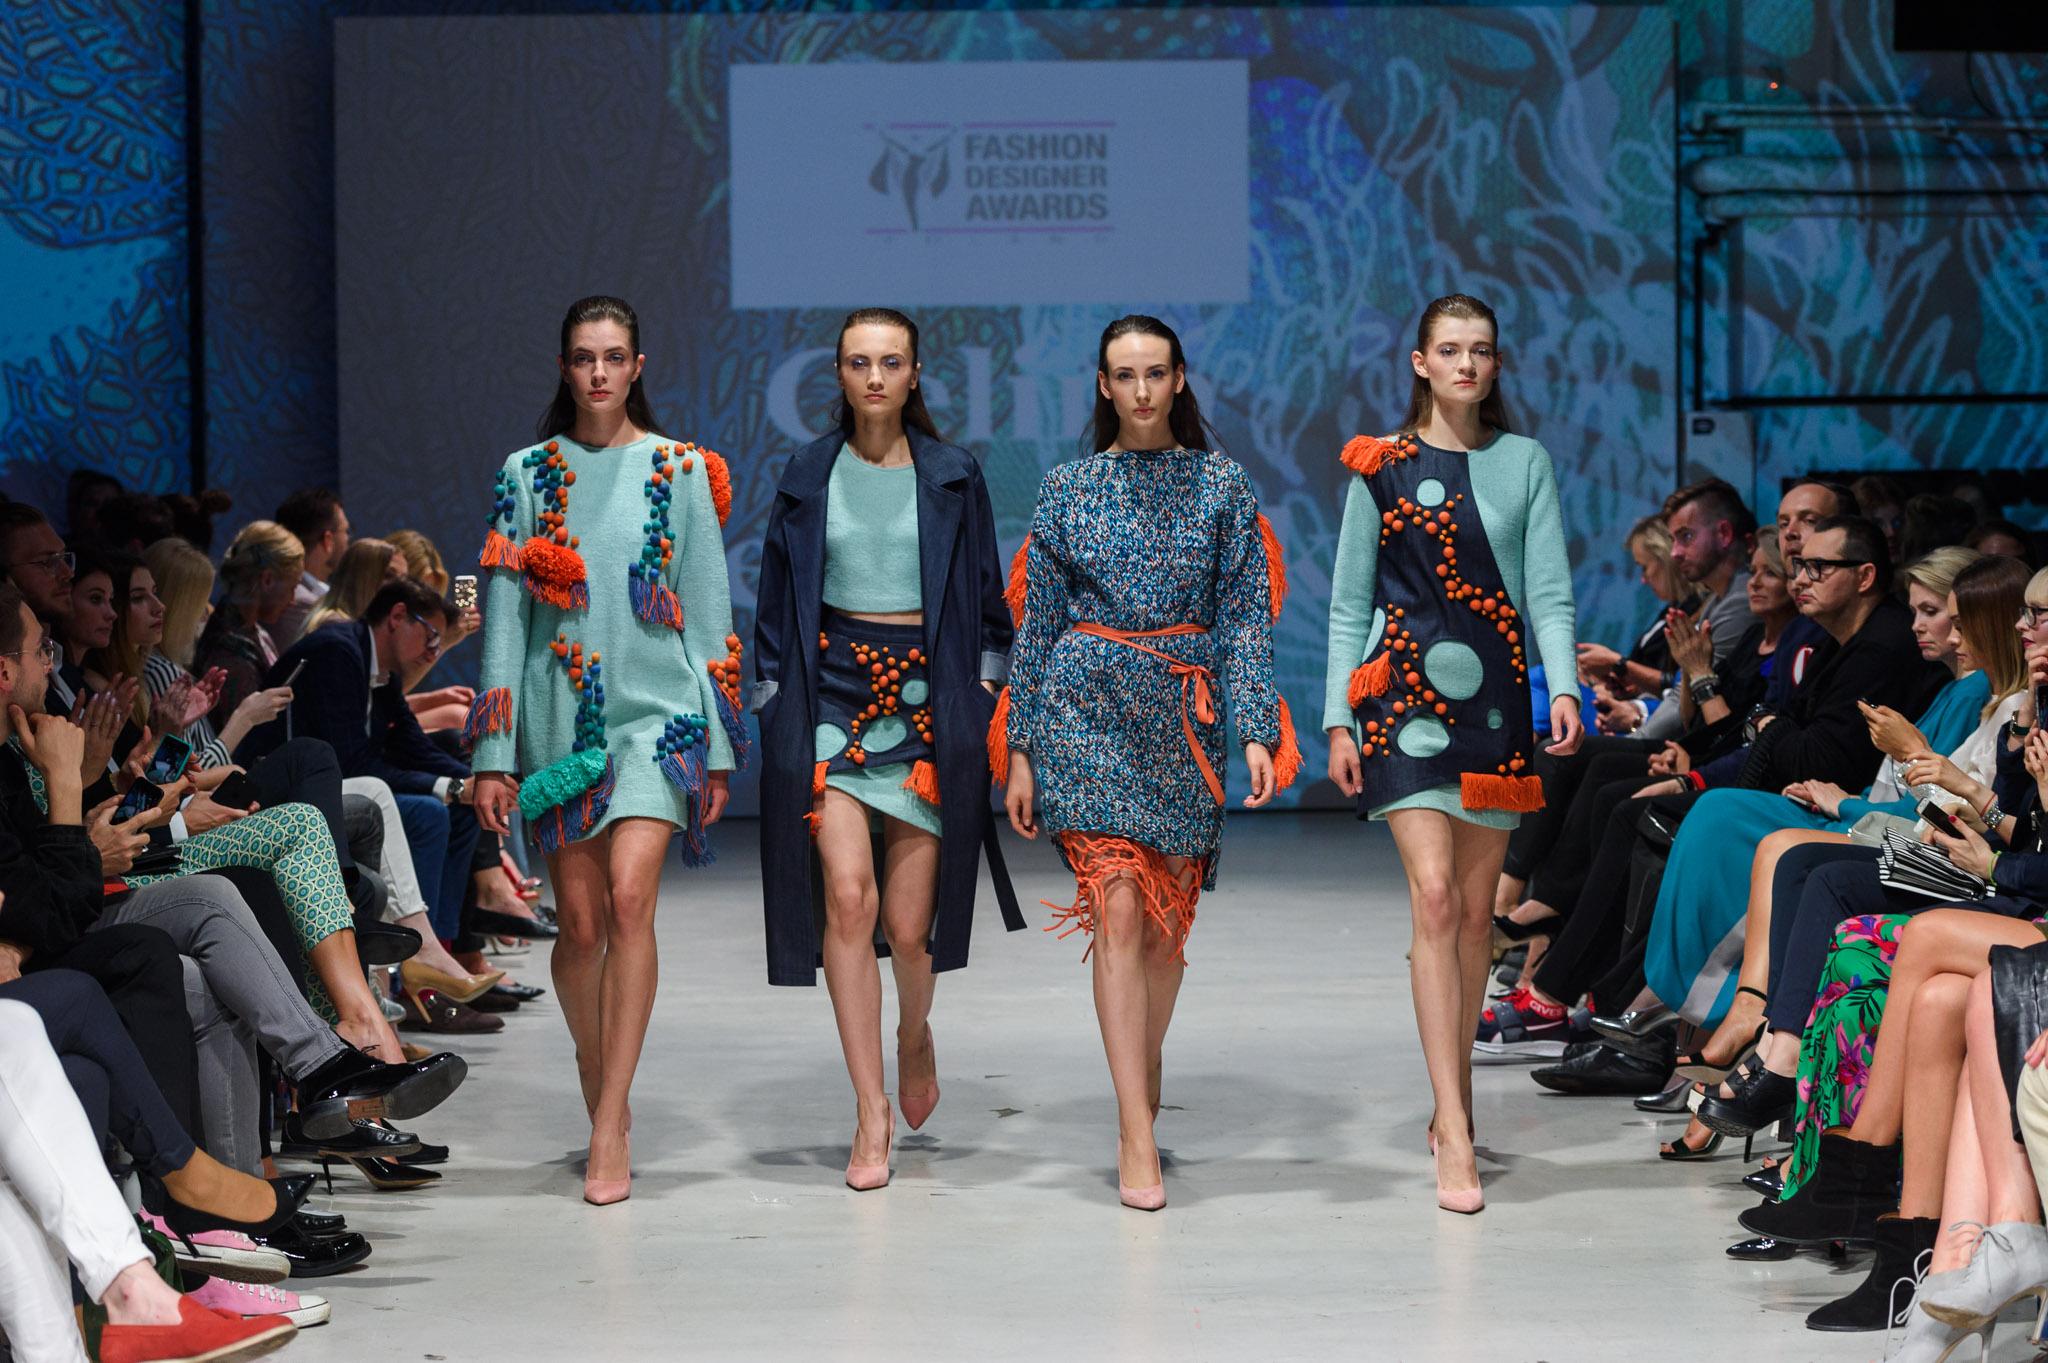 Celina Wesołowska - zwyciężczyni zeszłorocznej edycji Fashion Designer Awards